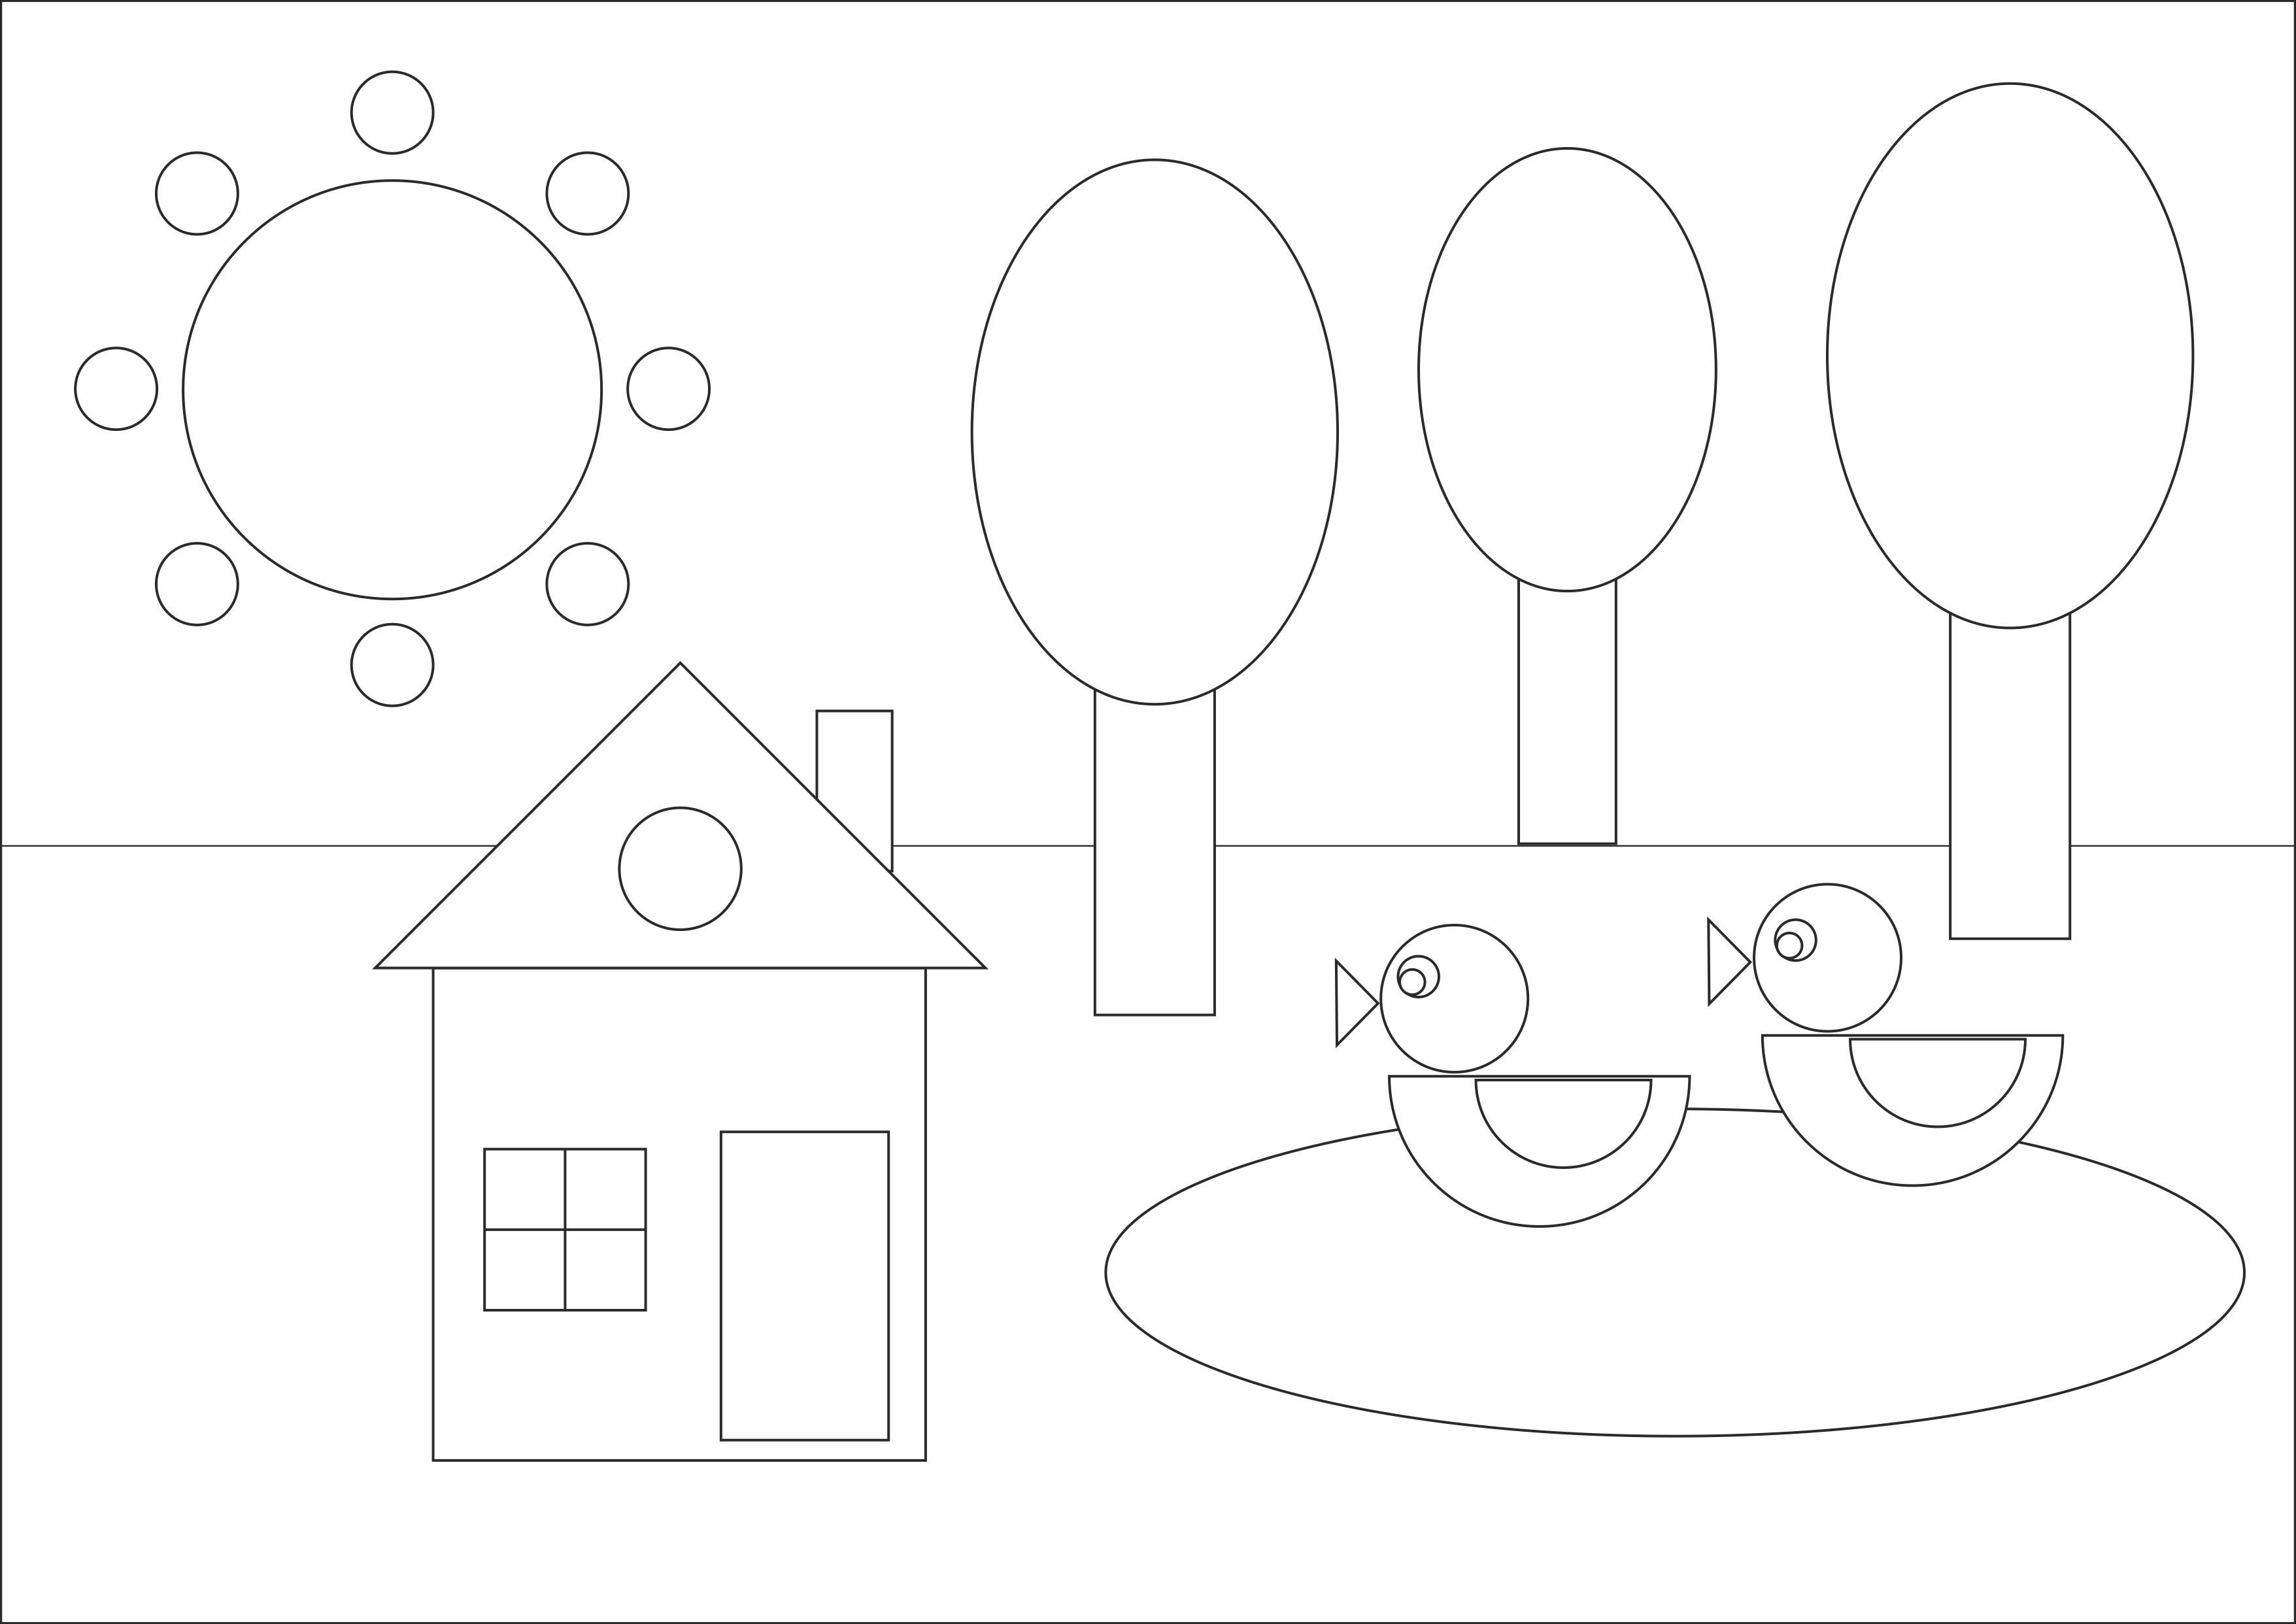 """Раскраска из геометрических фигур""""Домик в деревне"""""""